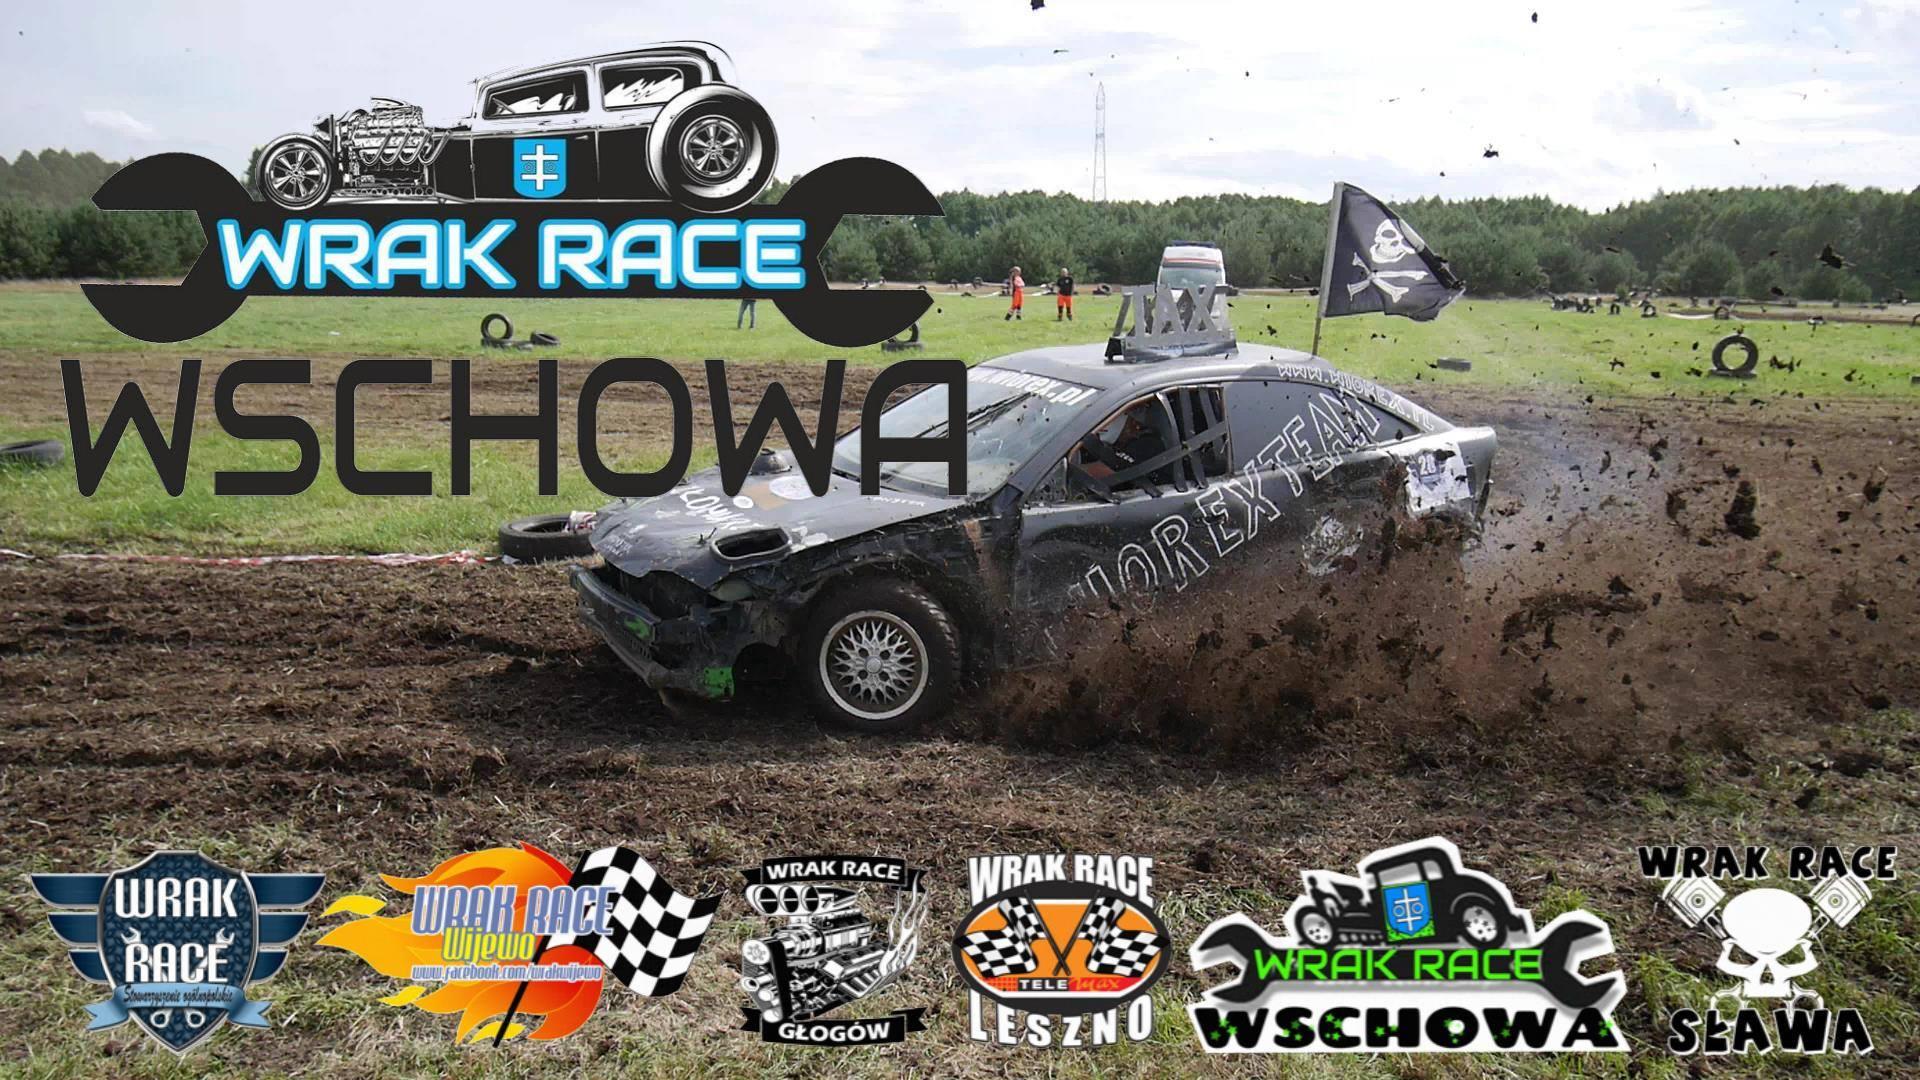 Wideo: Wrak Race Wschowa 2017